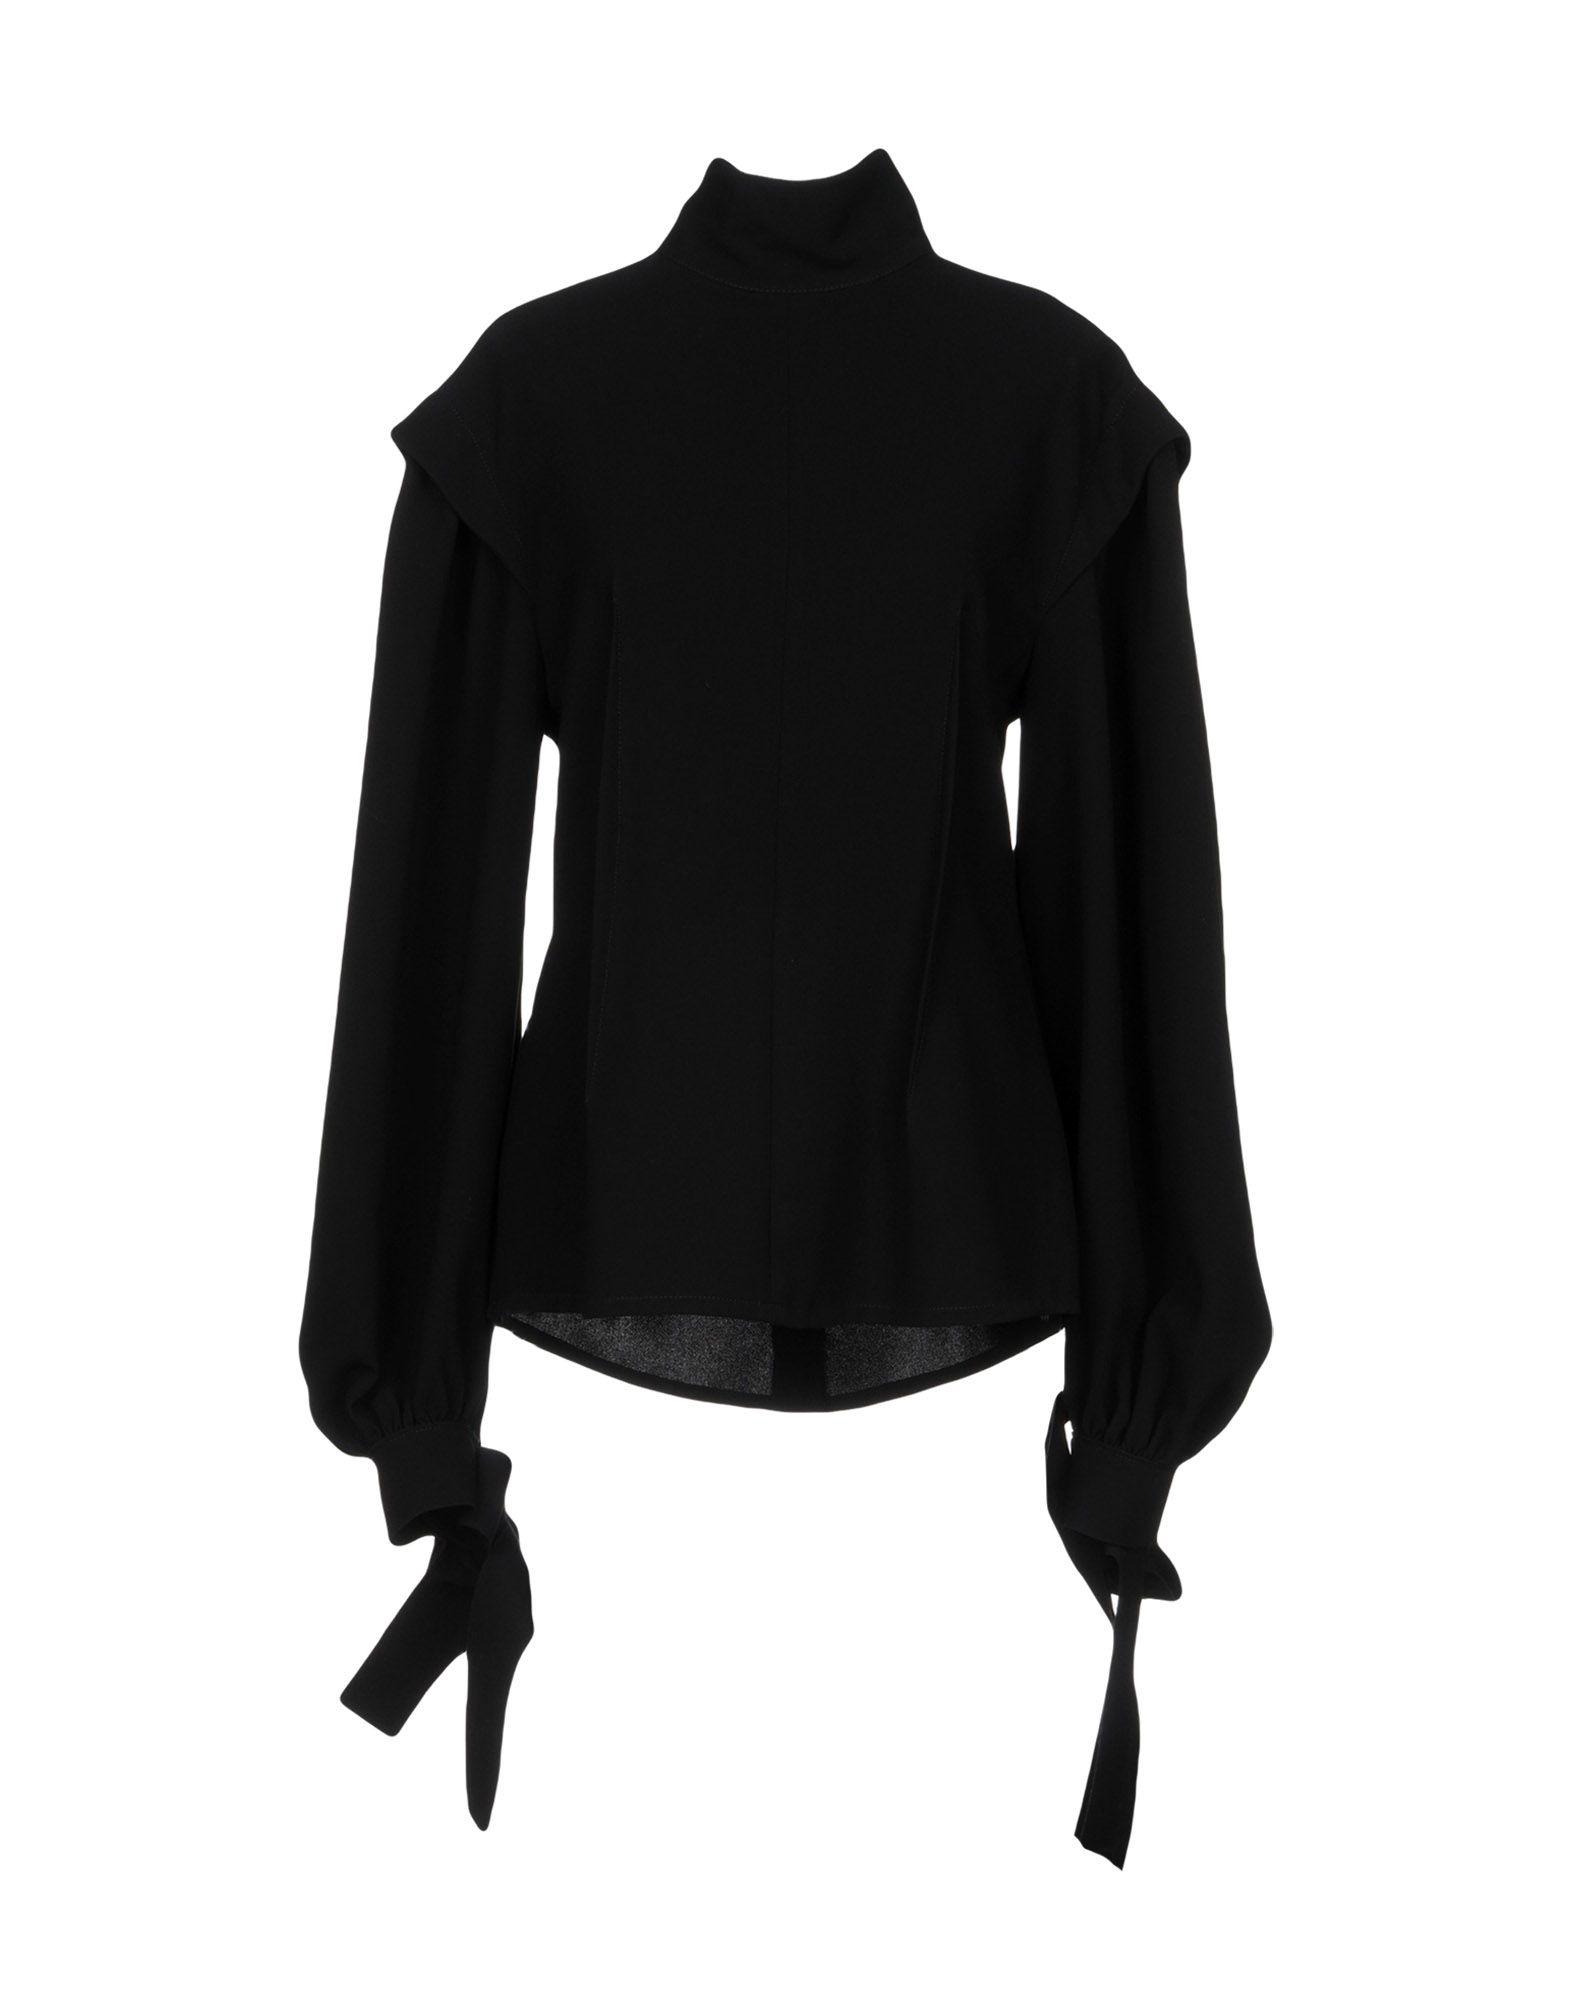 Blusa Loewe Donna - Acquista online su RINIXzON